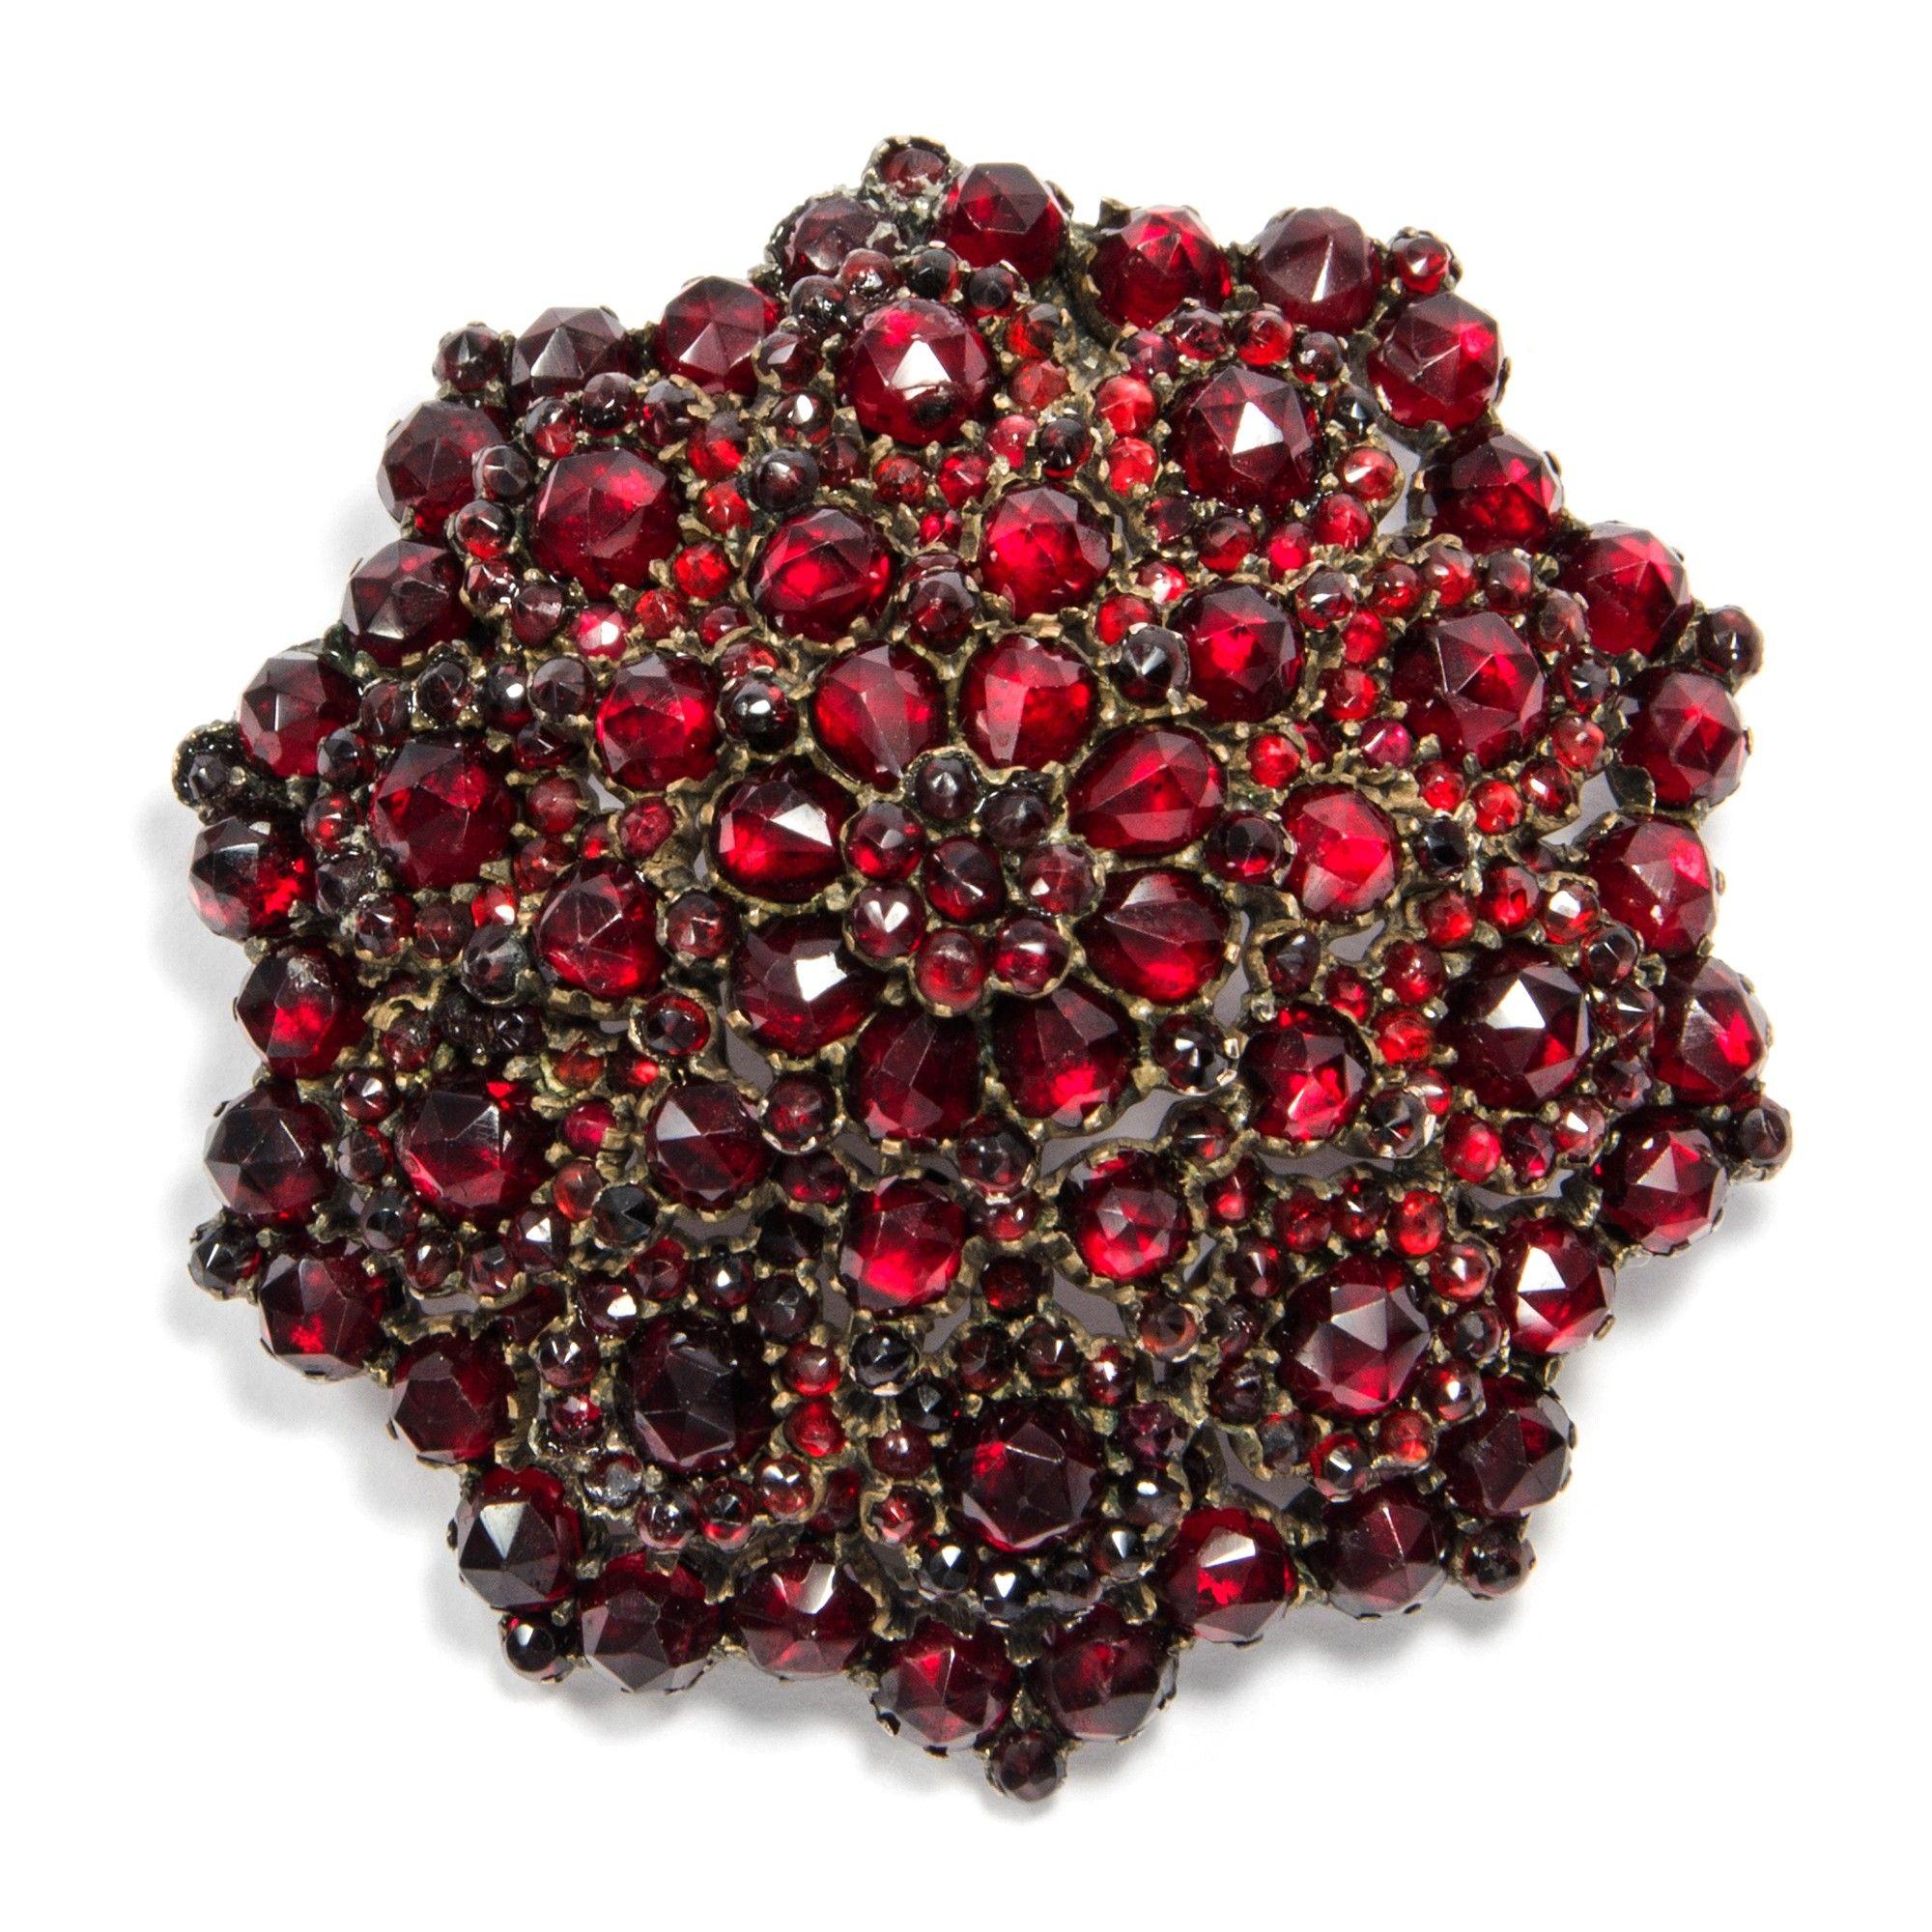 Eine Blüte in tiefem Rot - Eindrucksvolle Granat Brosche des späten Biedermeier, um 1860 von Hofer Antikschmuck aus Berlin // #hoferantikschmuck #antik #schmuck #antique #jewellery #jewelry